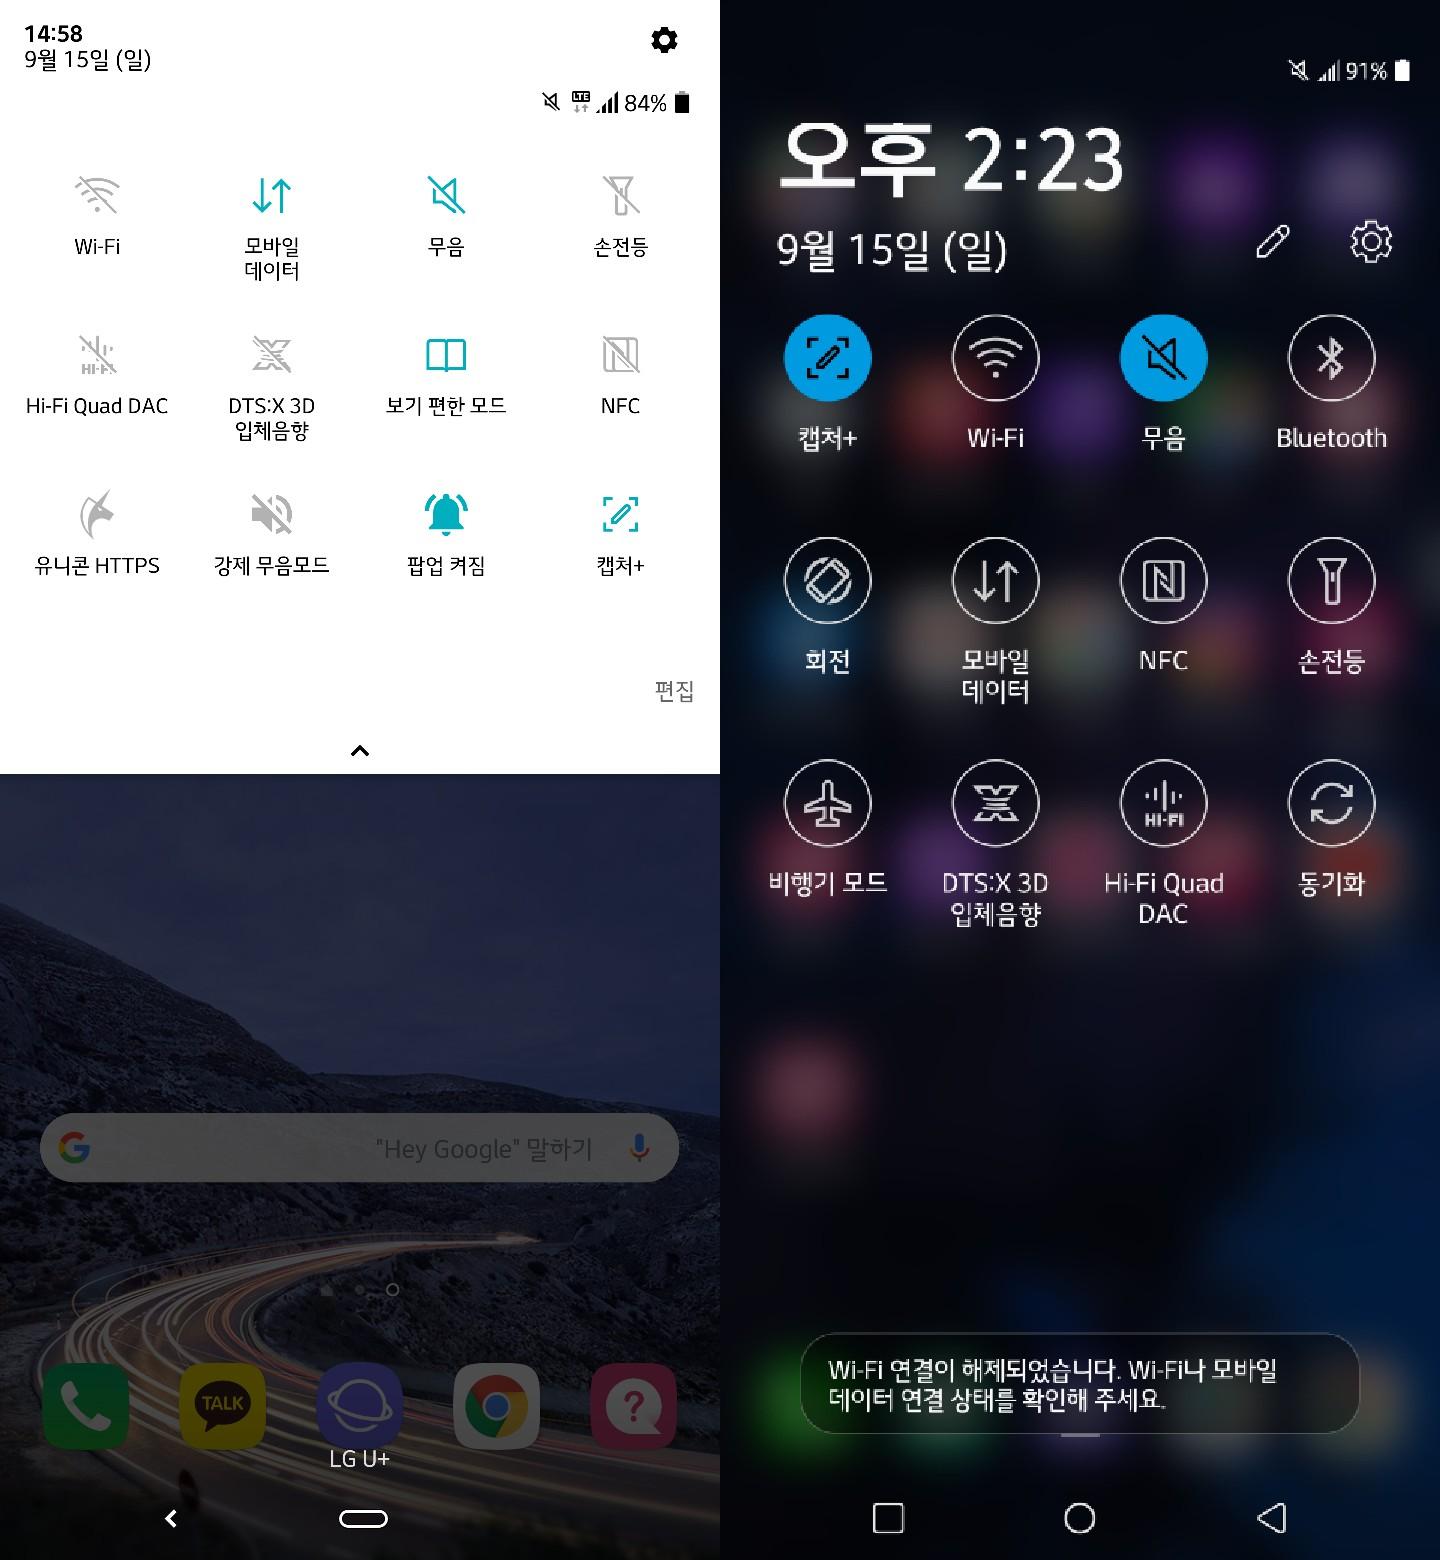 LG UX 9.1